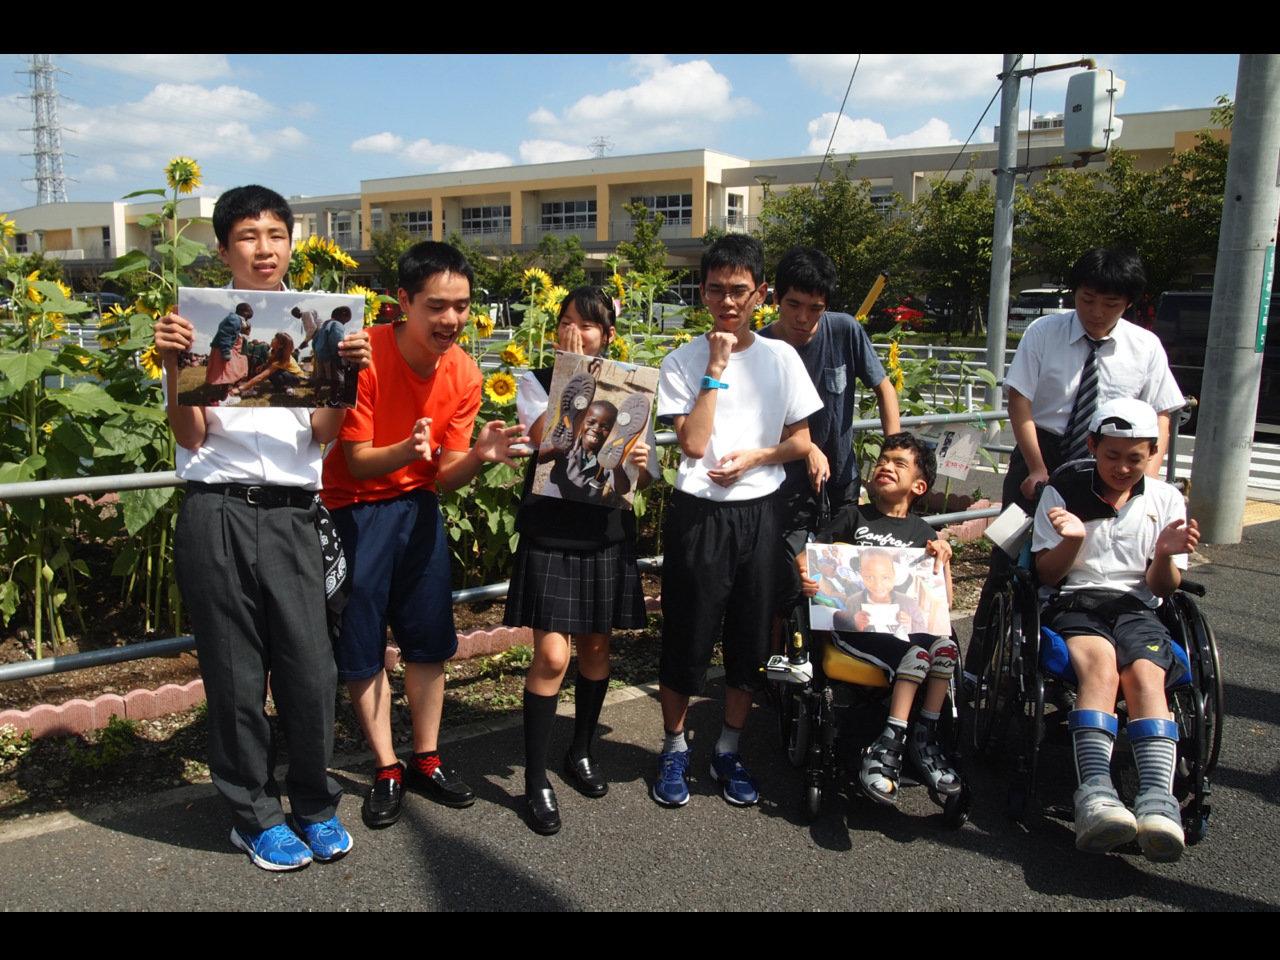 神奈川県立相模原中央支援学校では、返礼のヒマワリの種を大事に育ててくれています。